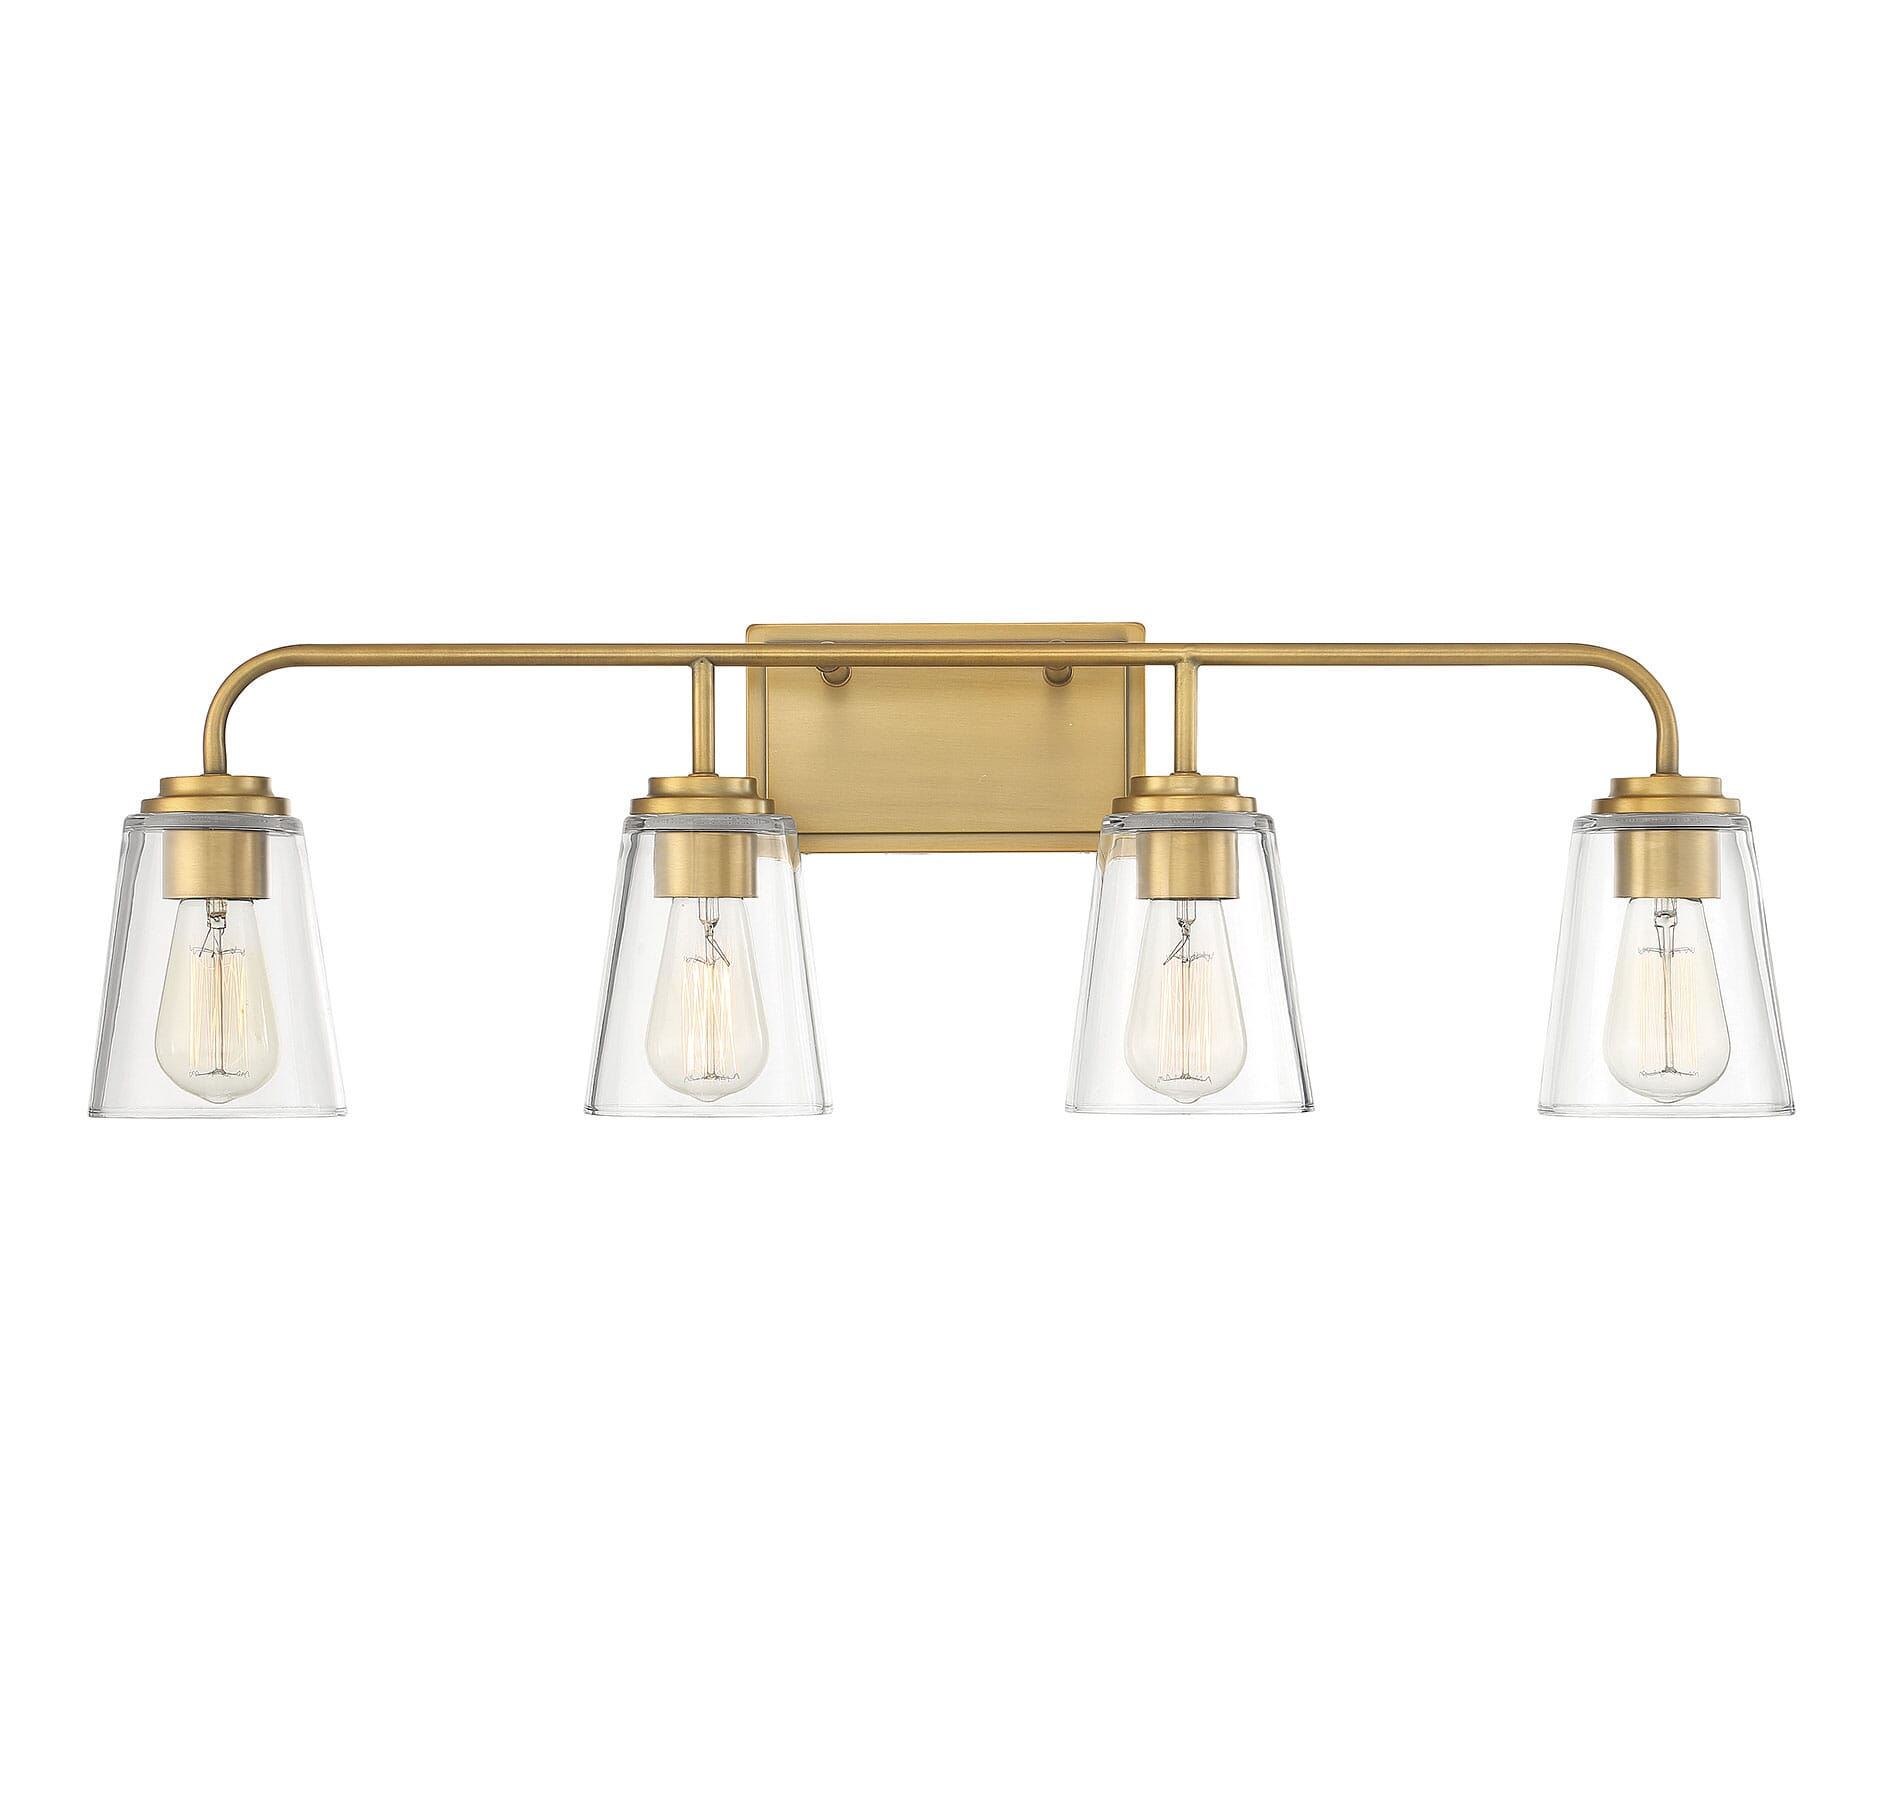 Trade Winds Wickford 4 Light Bathroom Vanity Light In Natural Brass Lightsonline Com